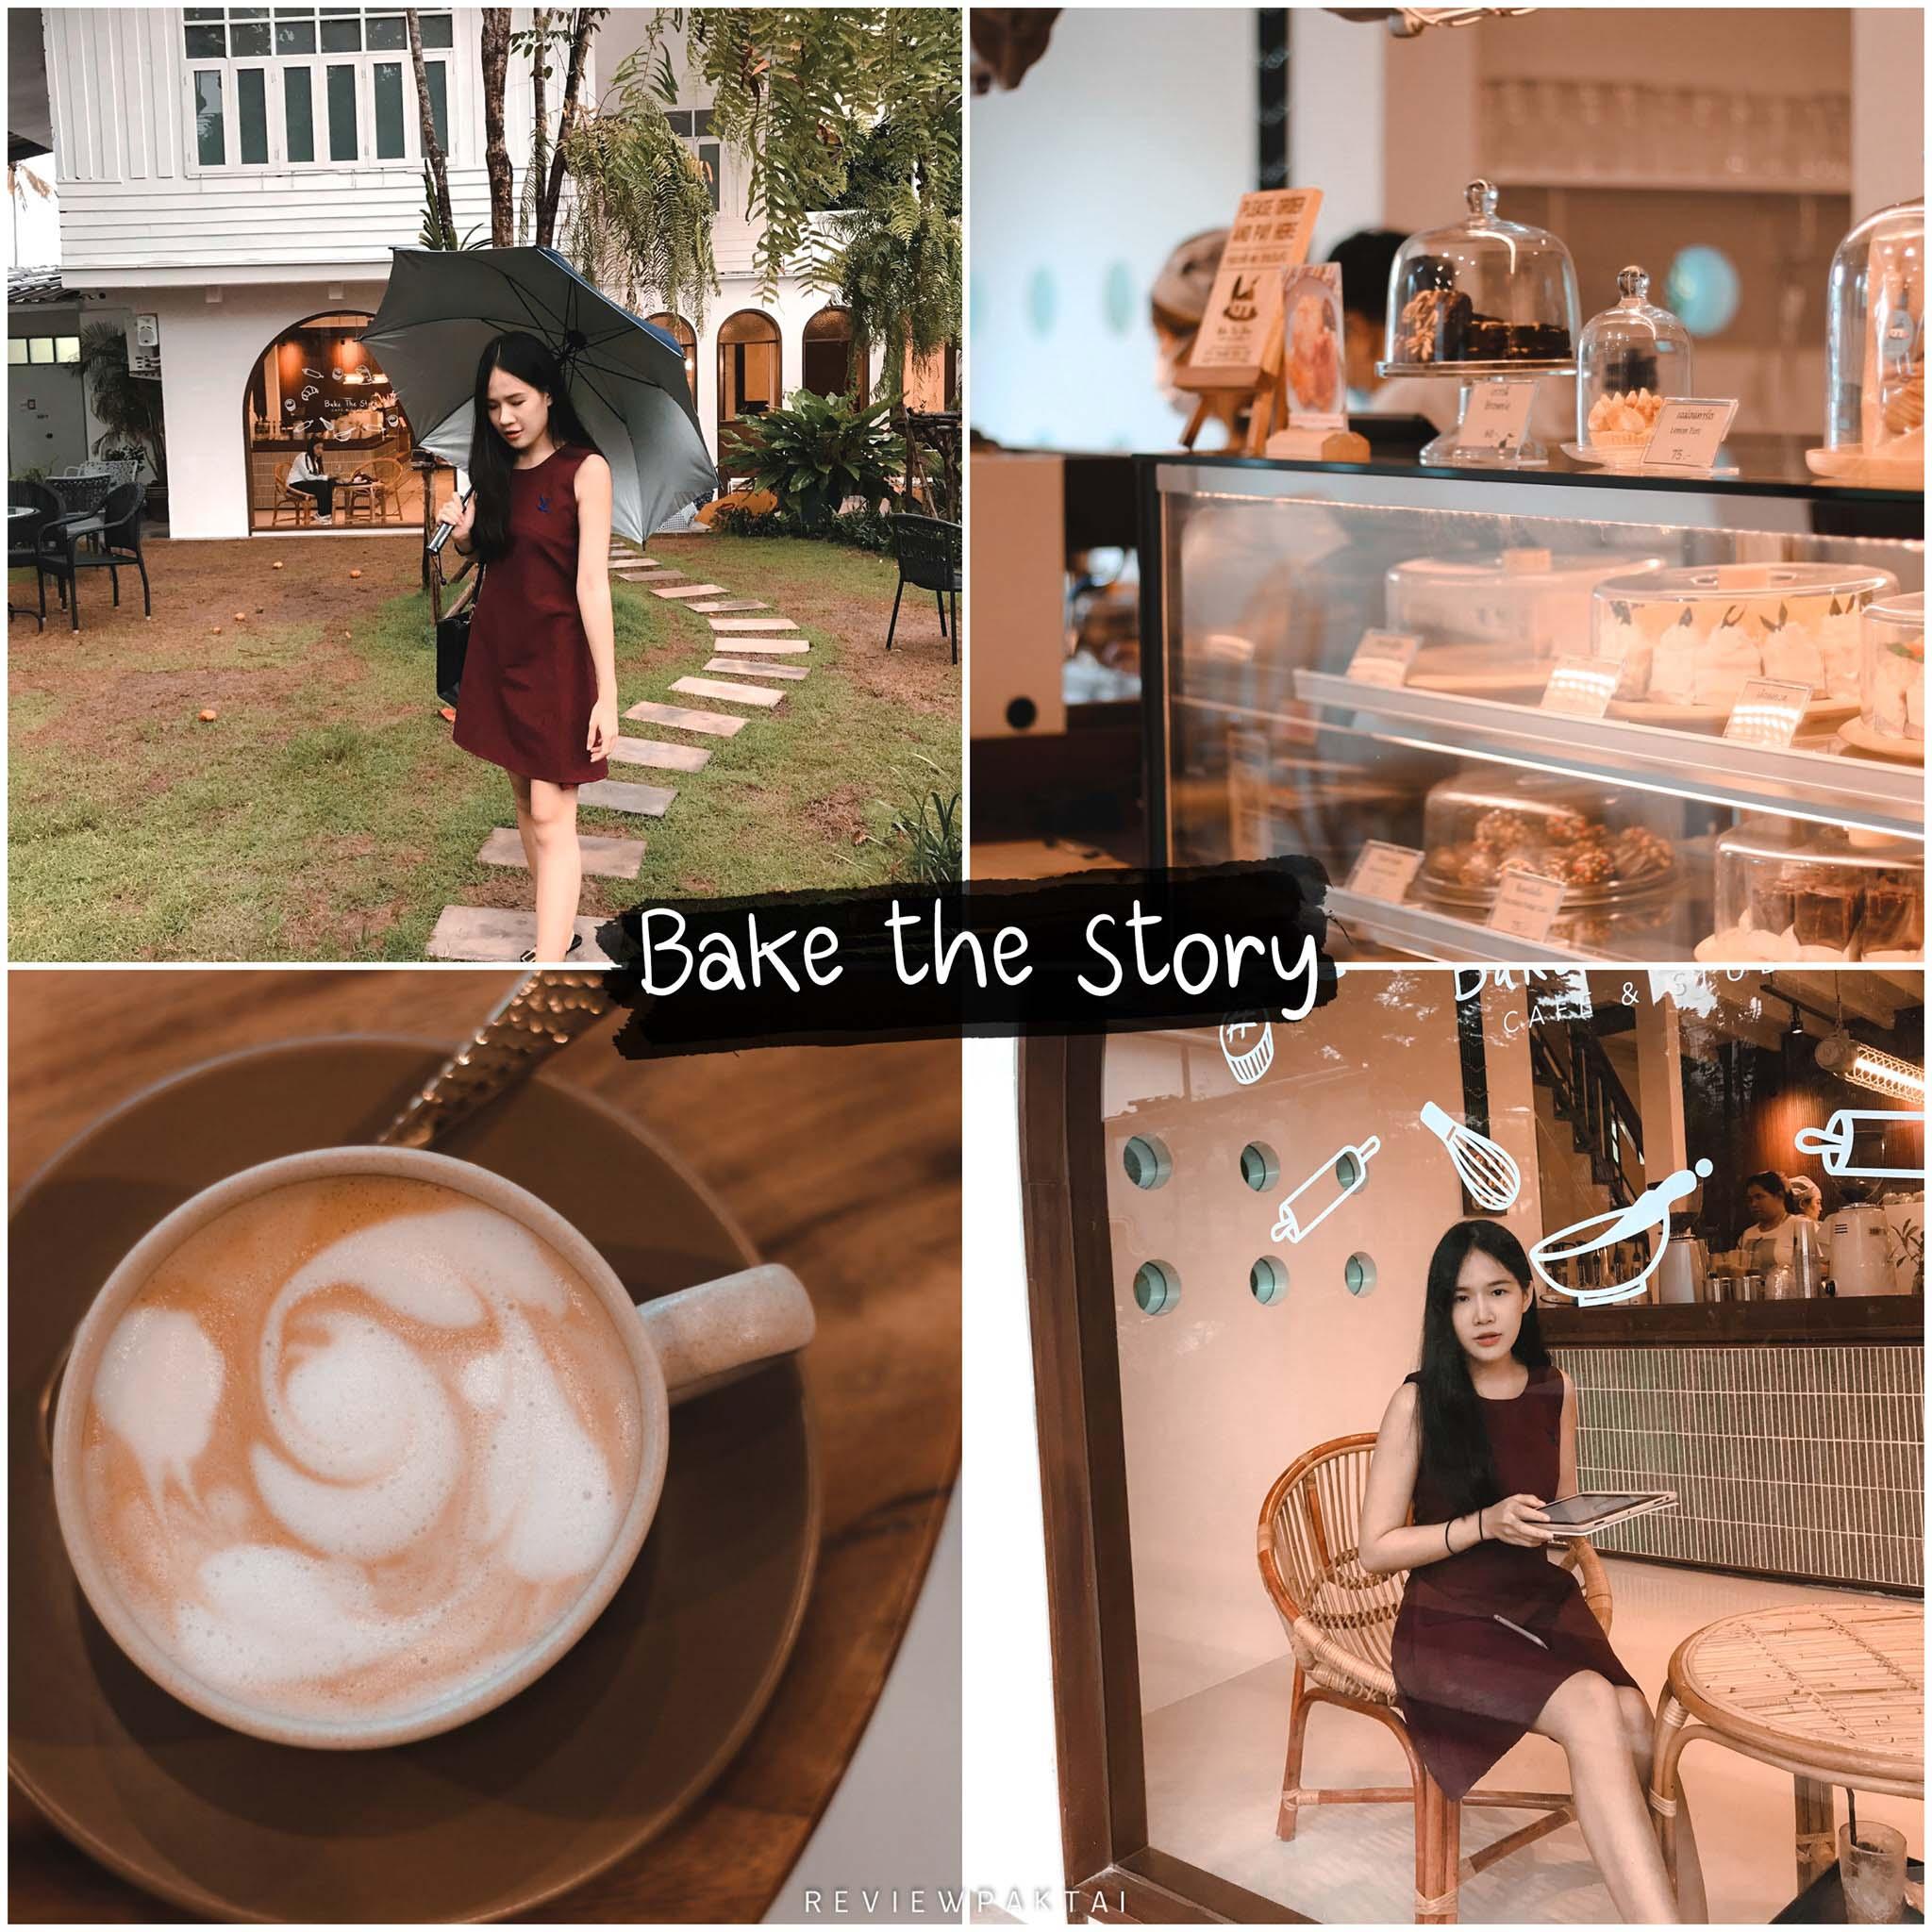 ร้านลับเด็ดๆ Bake the story ร้านดีประจำเมืองภูเก็ต คาเฟ่บ้านสวนในตัวเมือง ร้านน่านั่ง ขนมอร่อยมุมถ่ายรูปเพียบบ